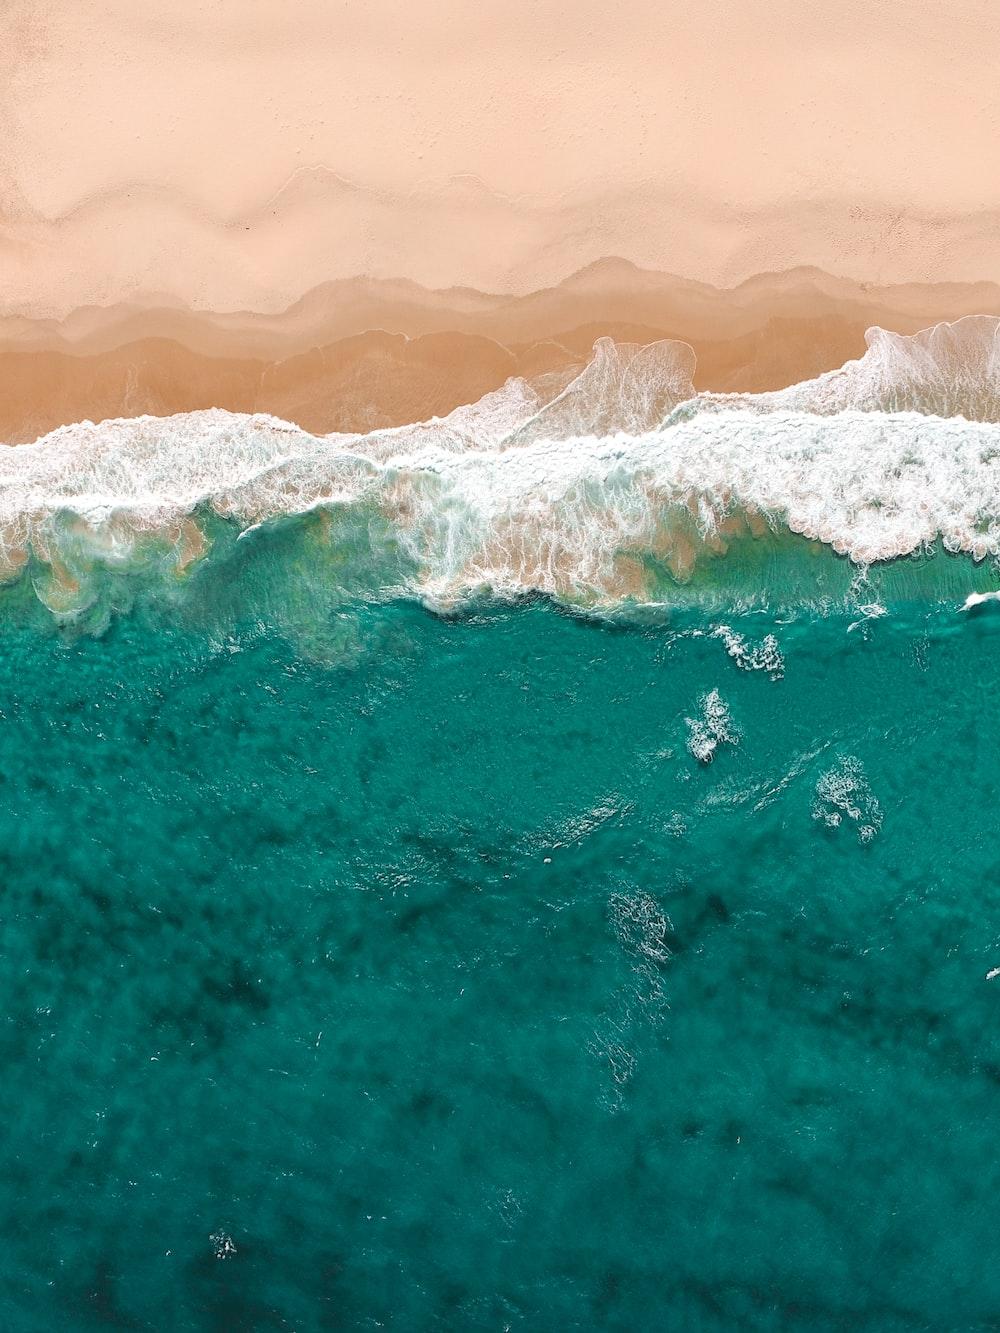 [Full HD] Ảnh nền biển cả siêu đẹp Photo-1513553404607-988bf2703777?ixlib=rb-1.2